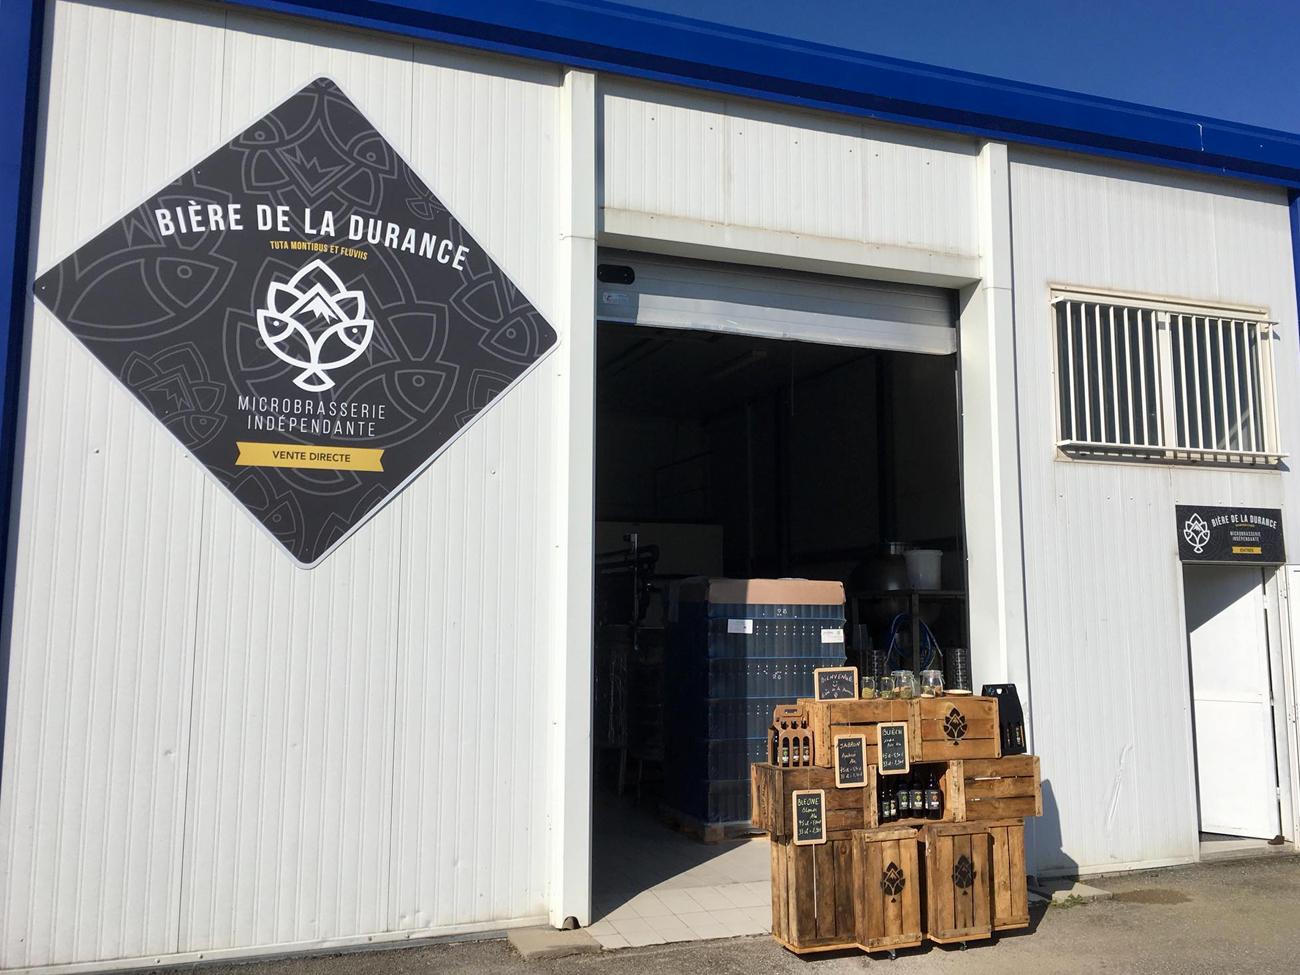 Entrepôt des bières de la Durance